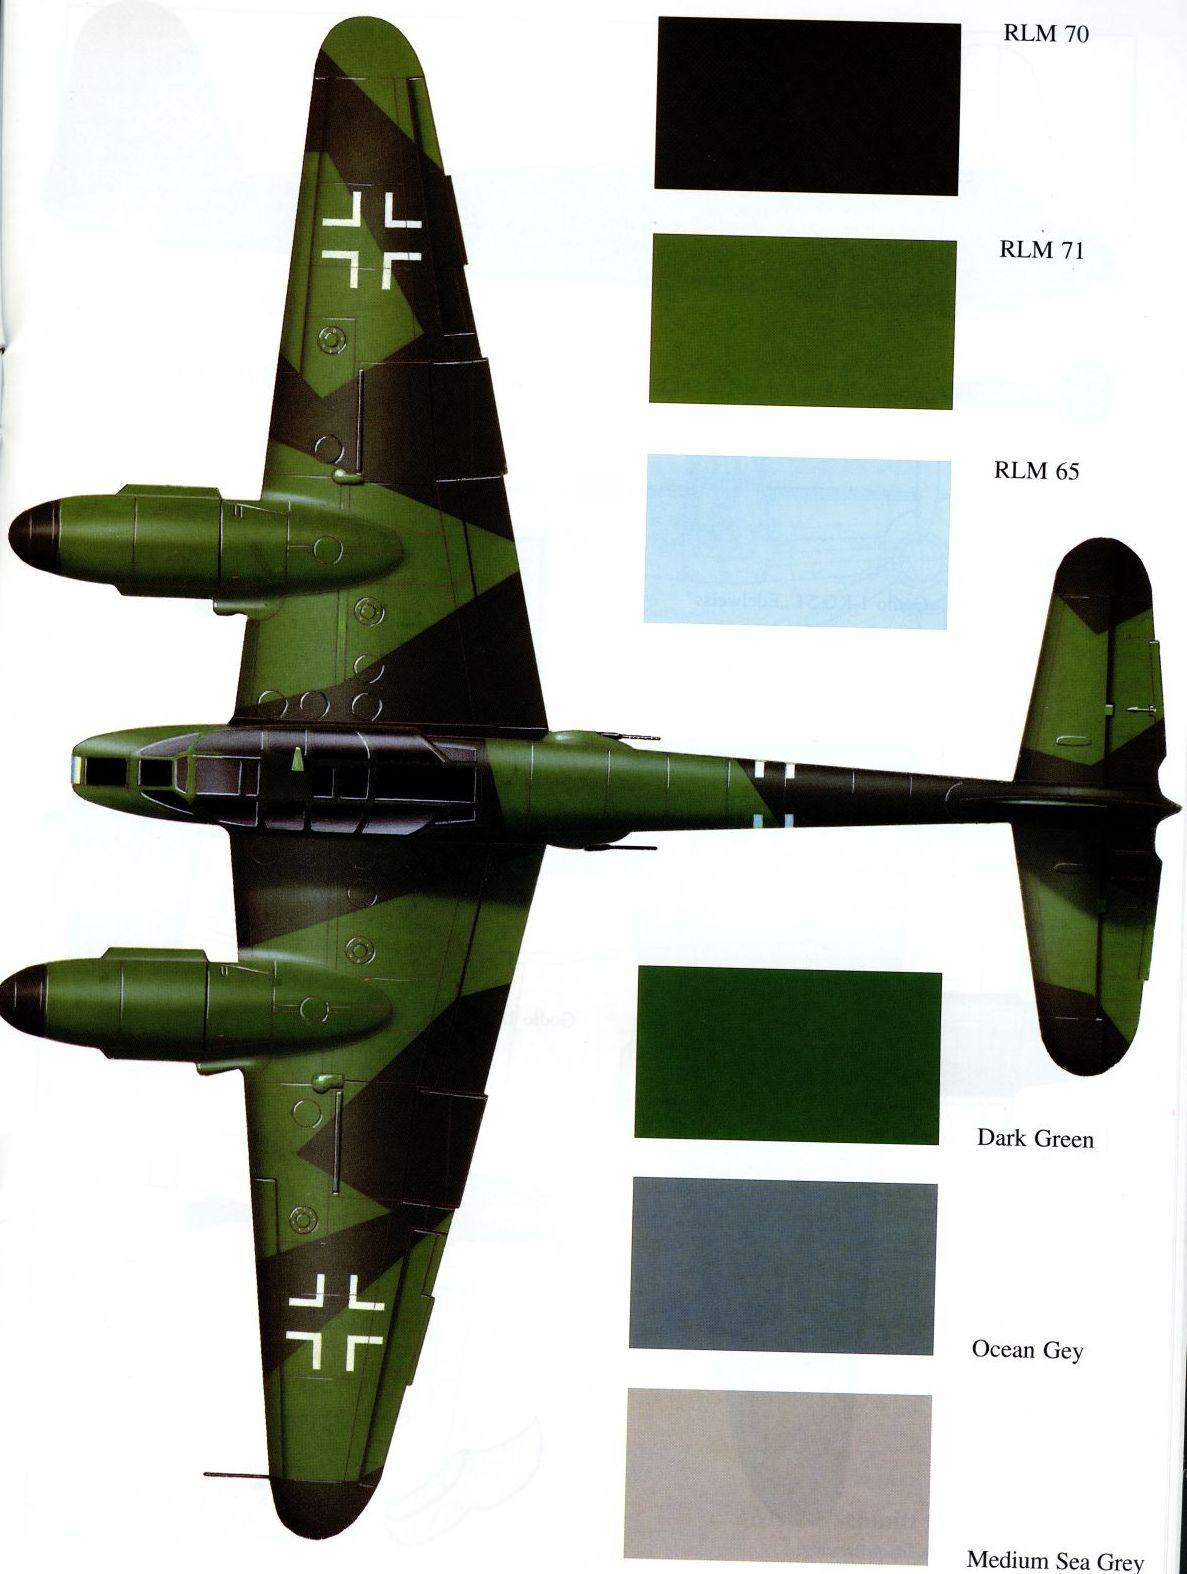 Messerschmitt Me 410A Hornisse 1.KG51 (8K+HH) France 1944 0A